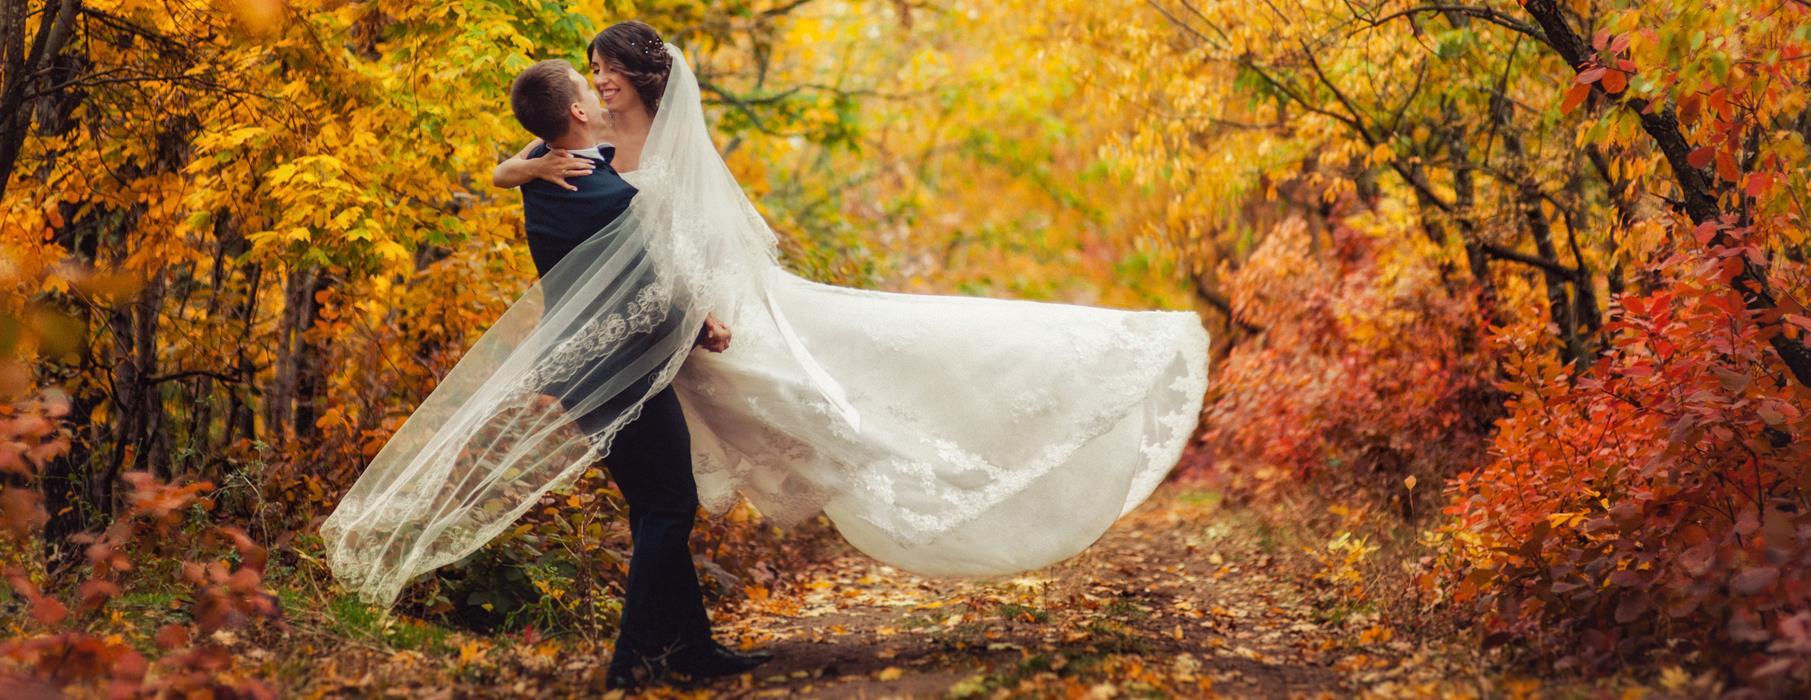 Come organizzare un matrimonio perfetto in autunno